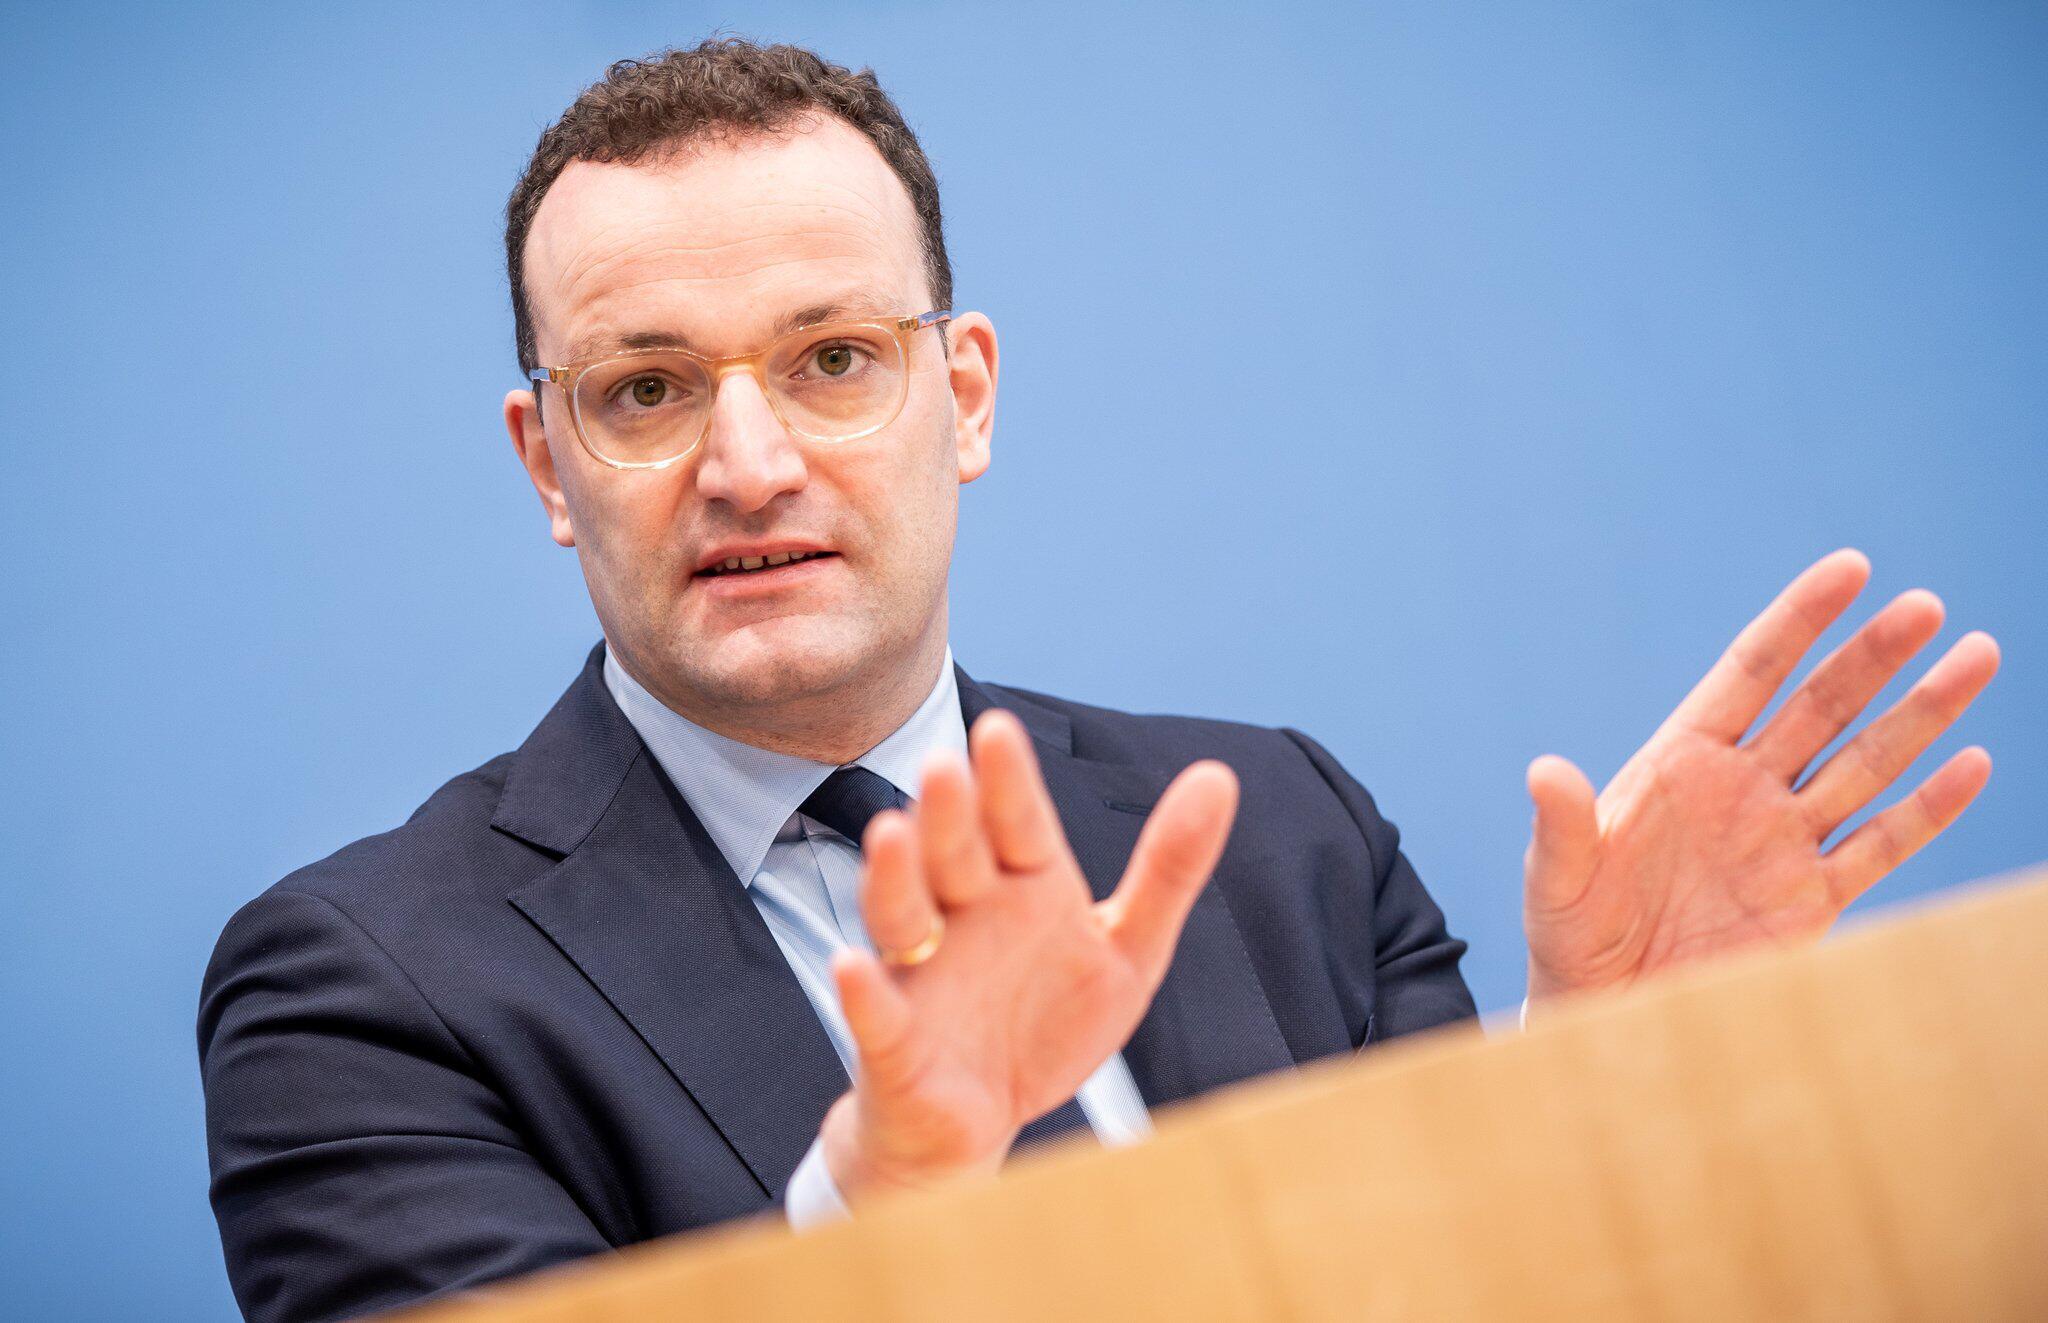 Bild zu Coronavirus - Pressekonferenz Gesundheitsminister